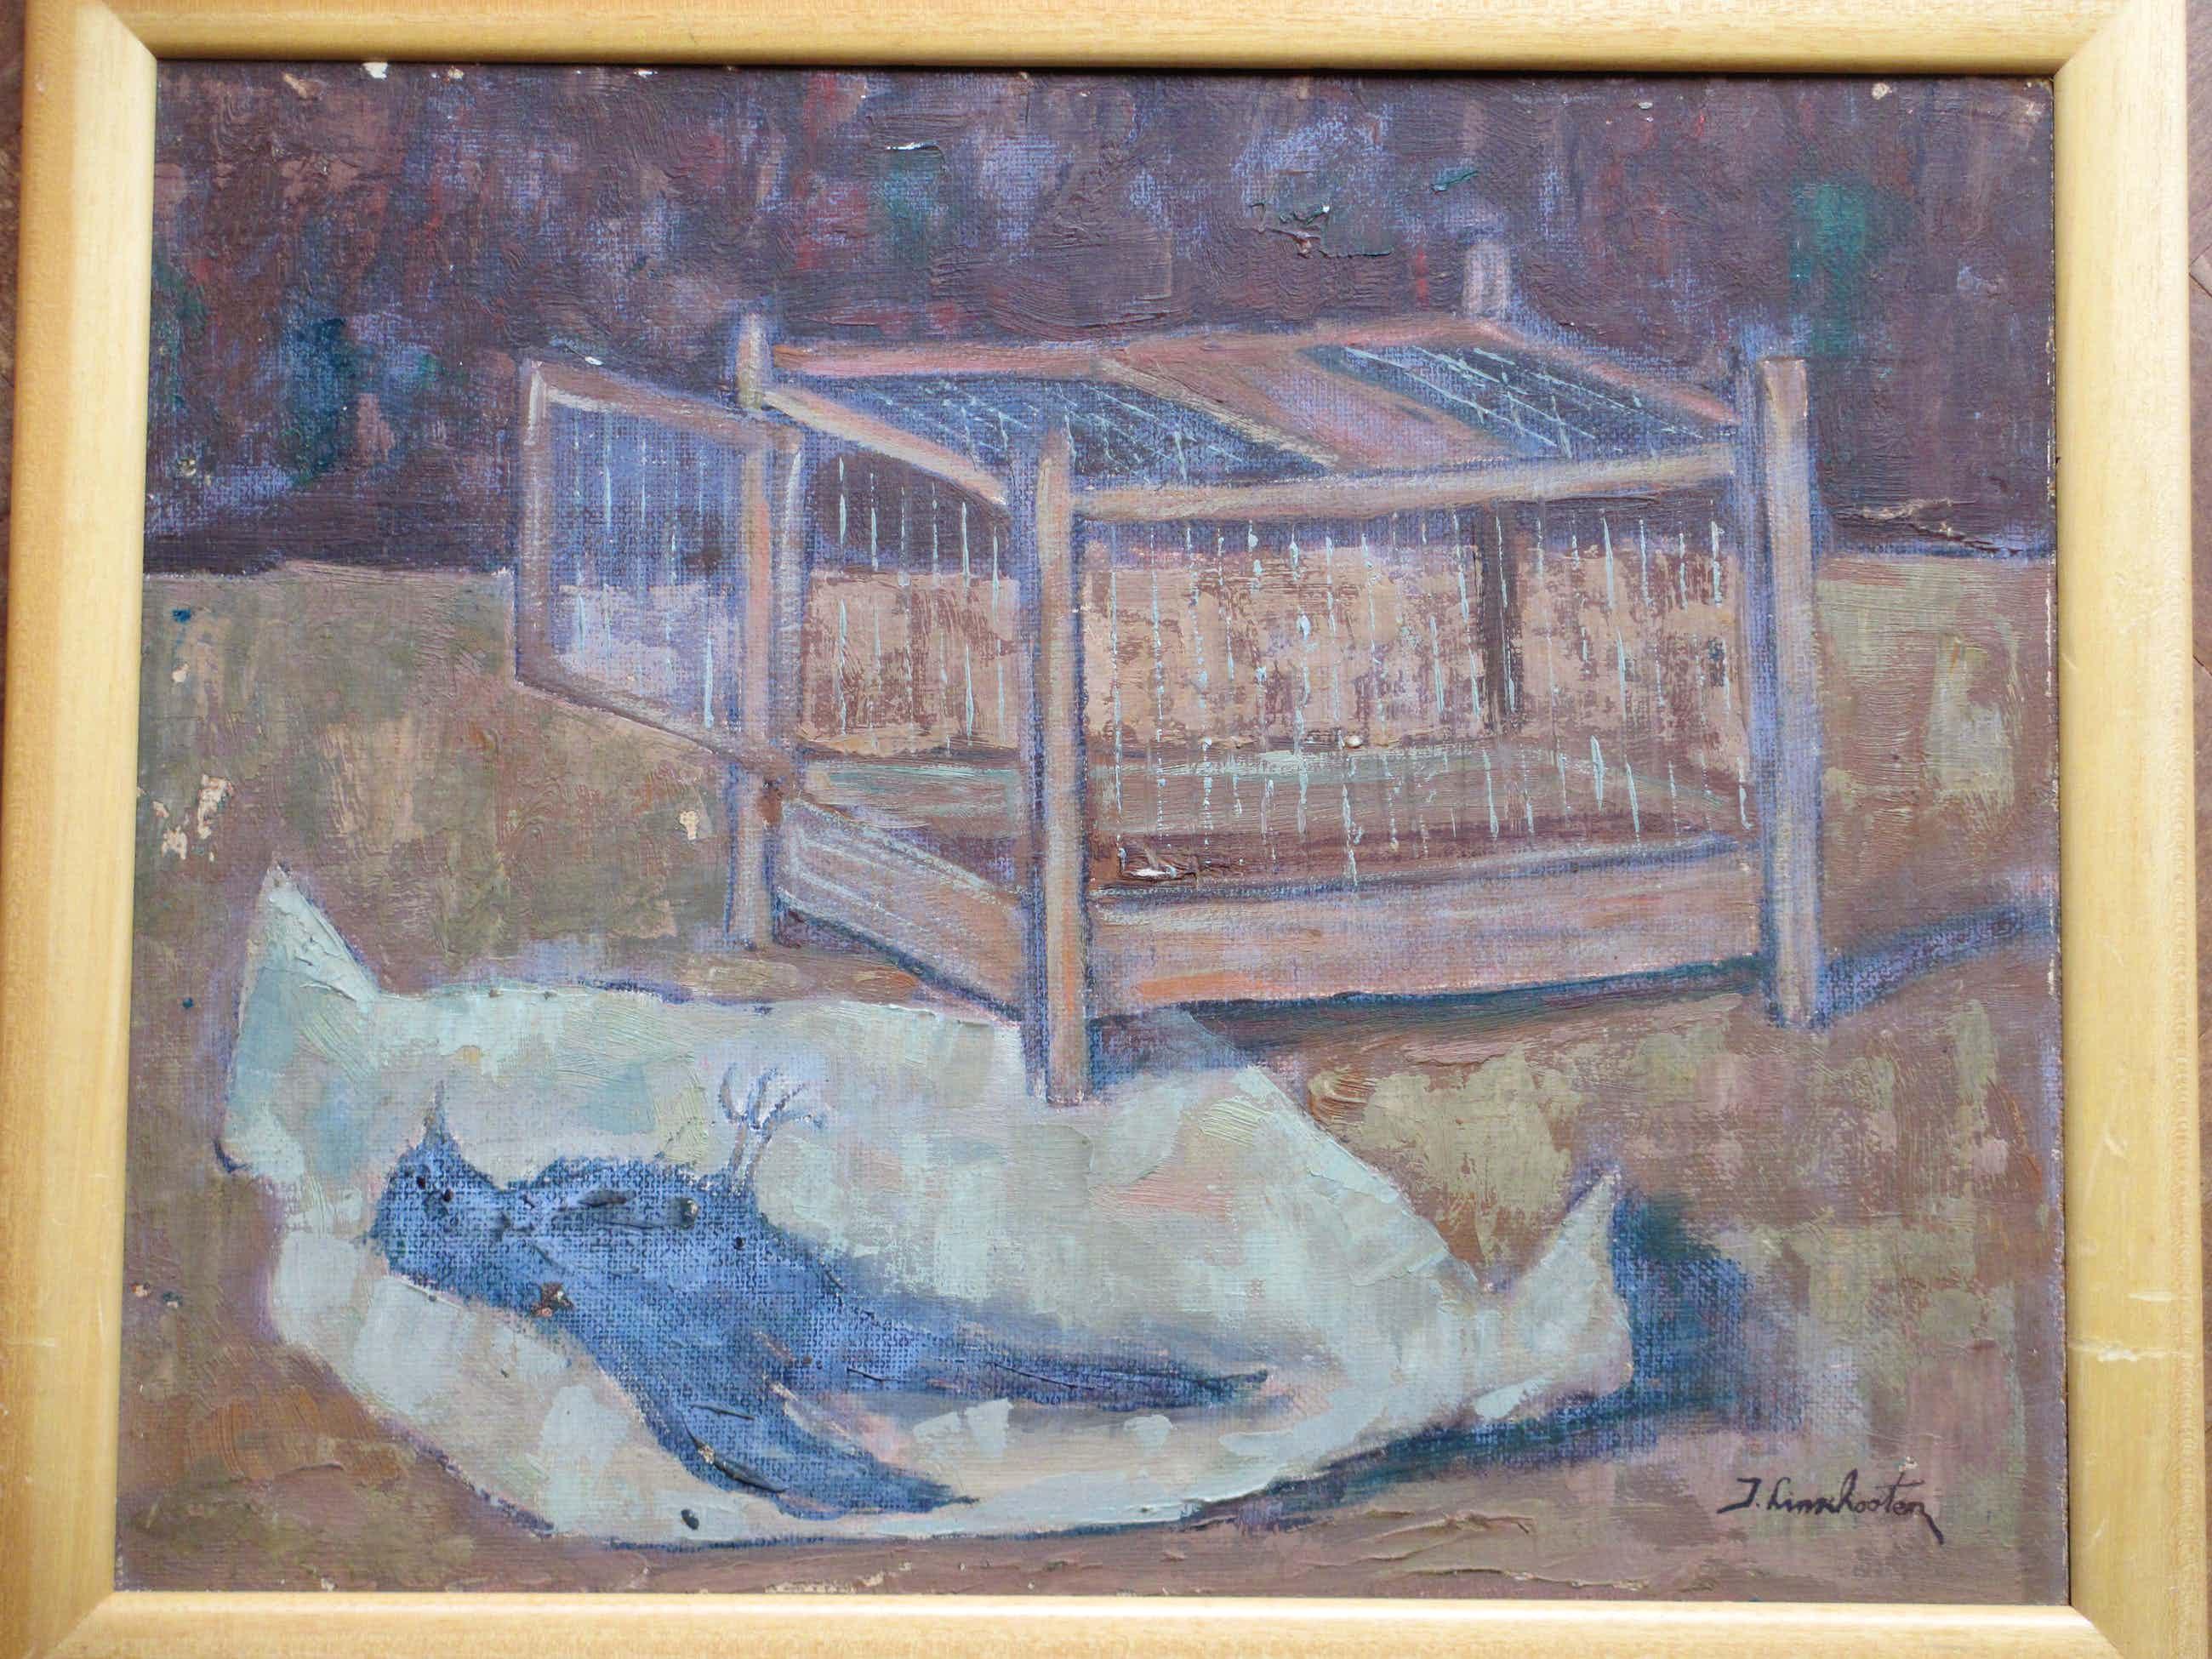 Jan Linschooten - Dood vogeltje naast open kooi - Olieverf op board kopen? Bied vanaf 90!